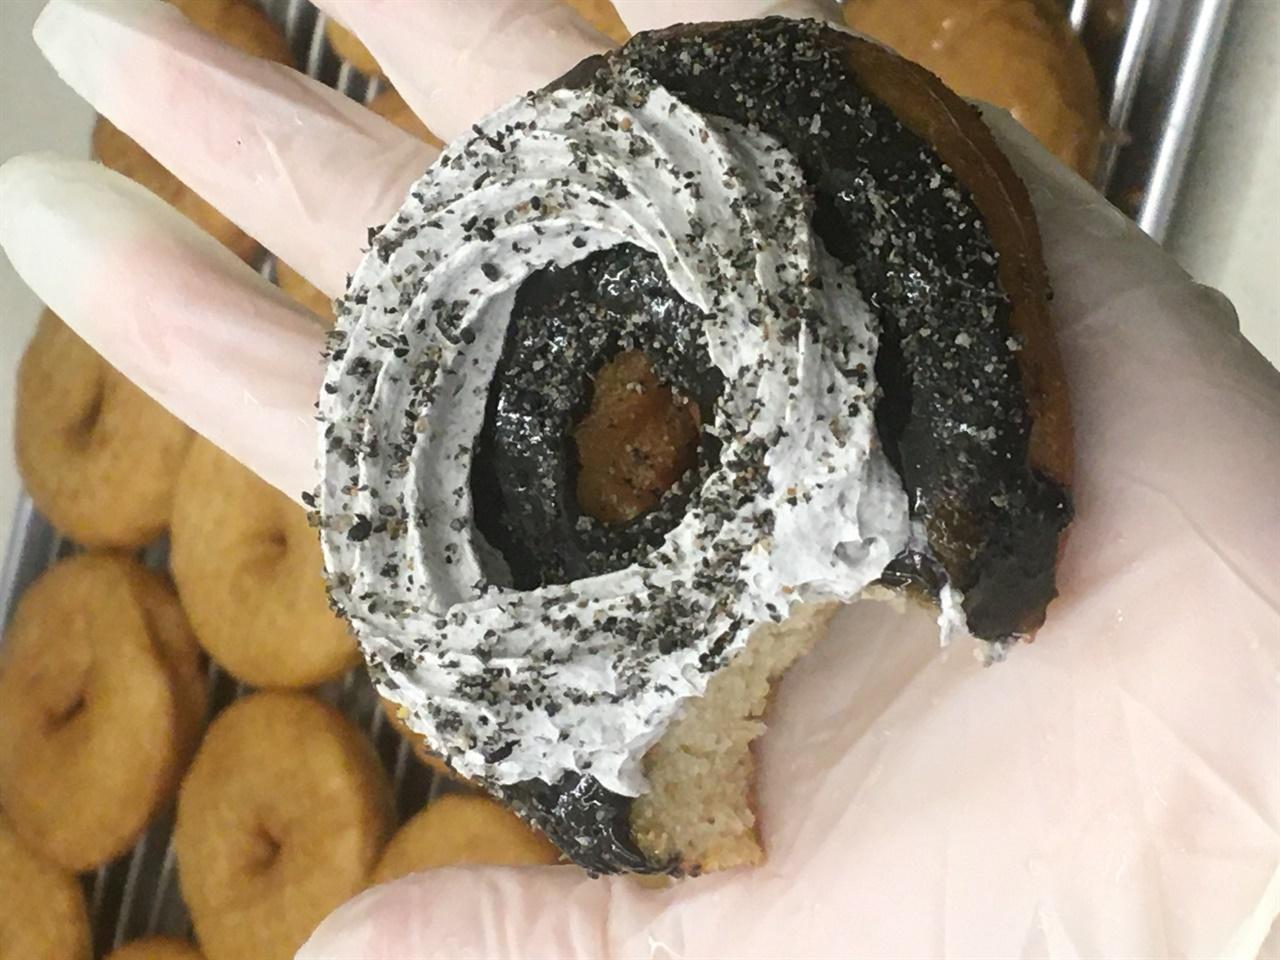 크림이 올라간 도넛 비건 손님들이 가장 많이 찾는 것은 크림이 올라간 도넛이다. 시중의 크림은 대부분 동물성재료(우유, 생크림)로 만드는 탓에 비건들은 부드럽고 고소한 크림을 즐기기가 어렵다. 식물성크림이라고 이야기하지 않으면 모를 정도로 다를 바 없는 맛이 난다.